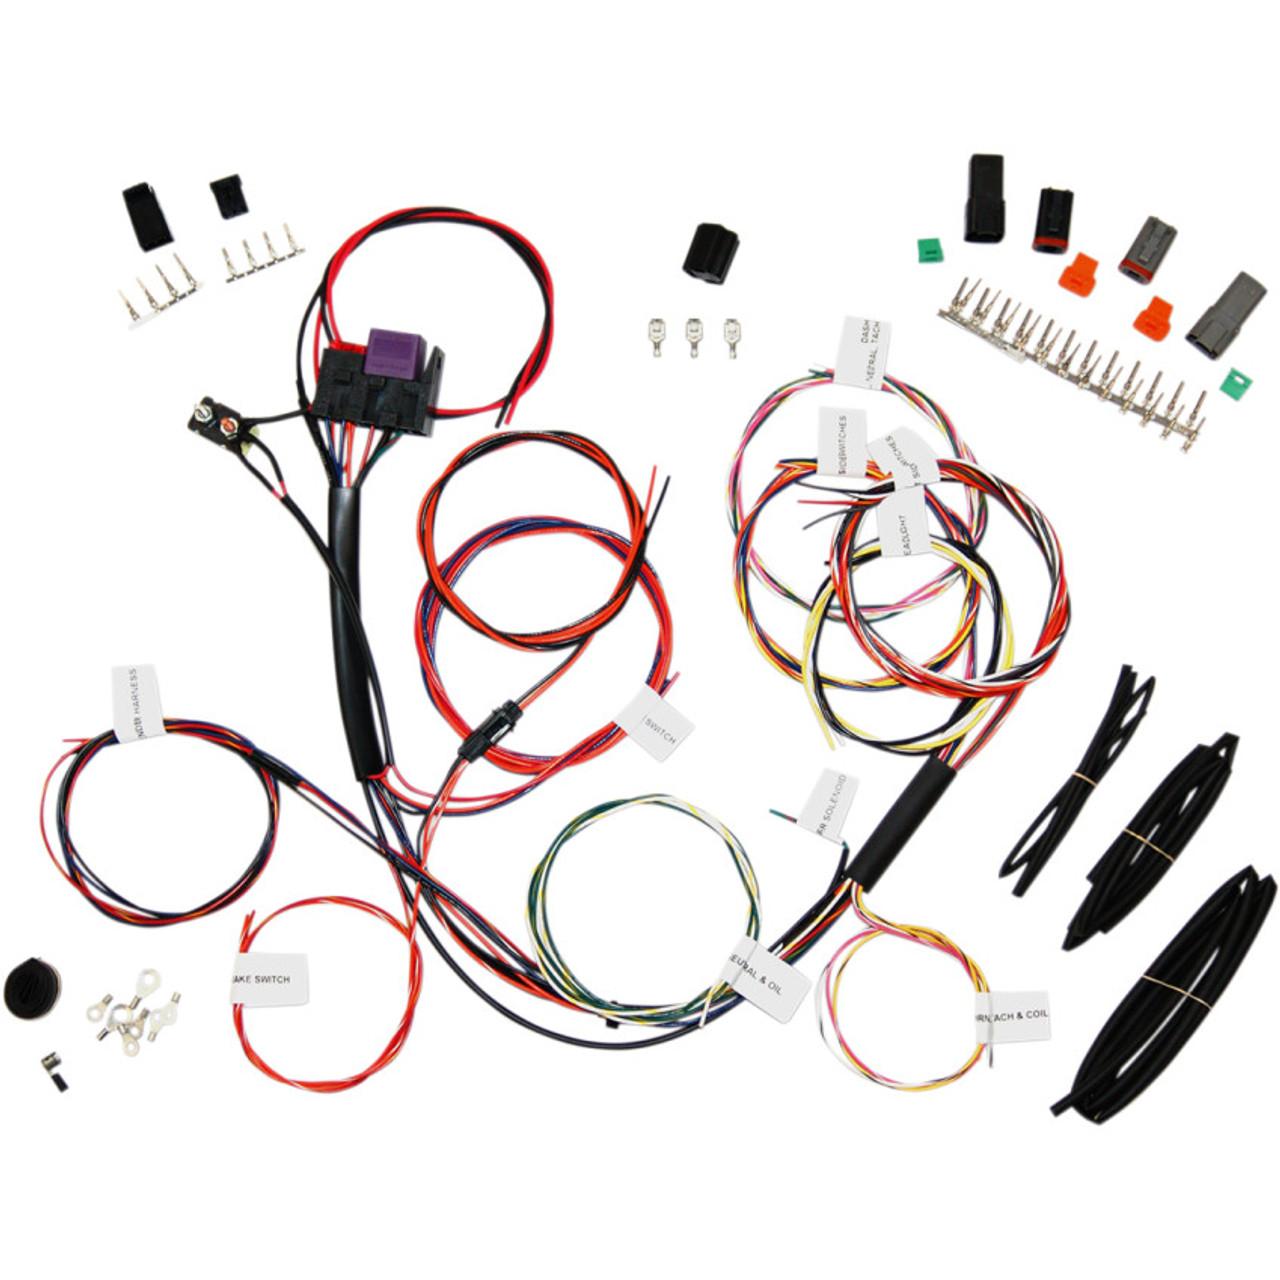 Fxr Wiring Harness - Kenmore 90 Series Dryer Wiring Diagram for Wiring  Diagram SchematicsWiring Diagram Schematics